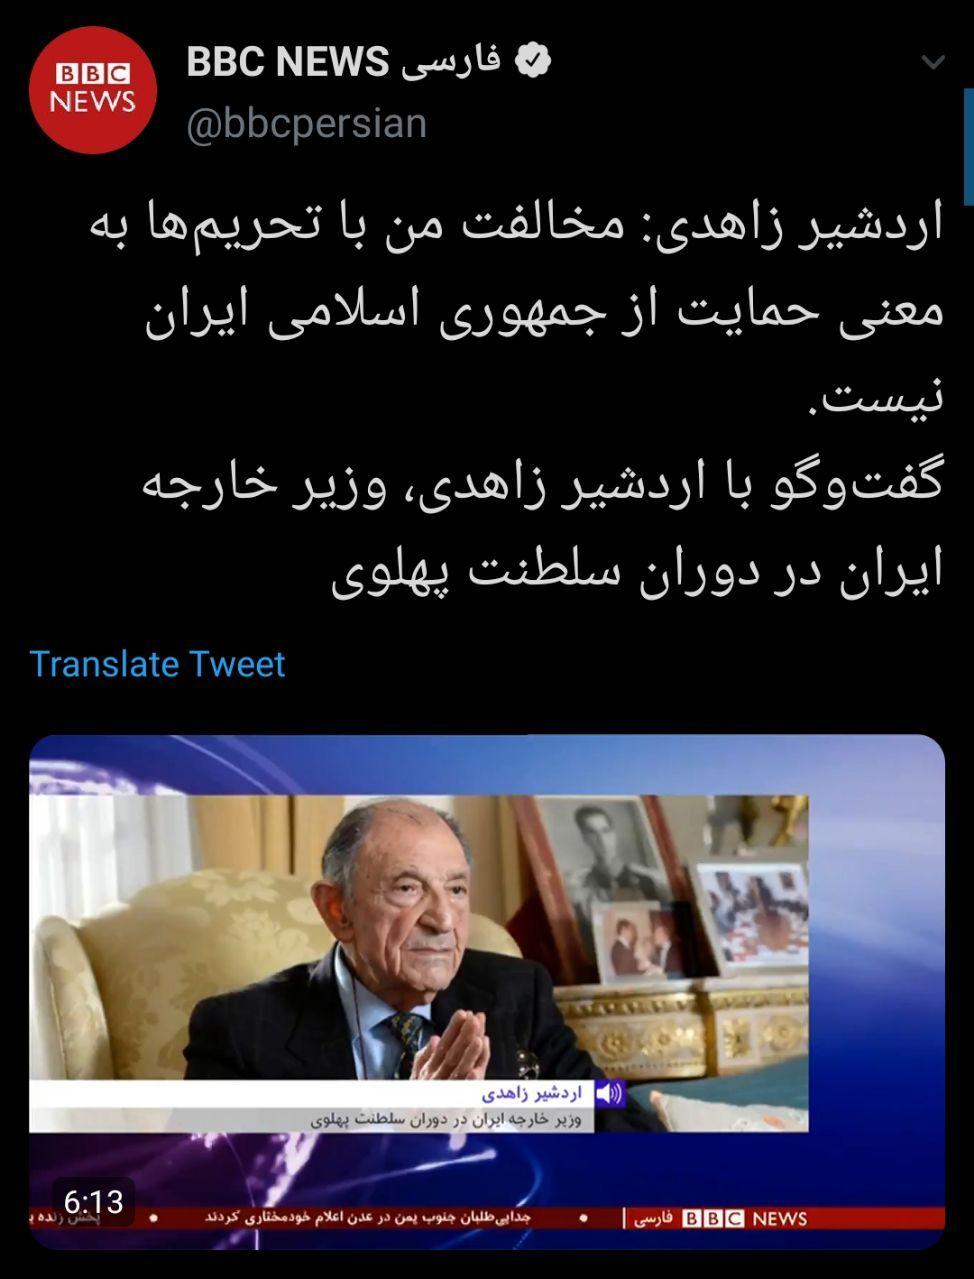 اردشیر زاهدی وزیر خارجه ایران … 477358001587988805